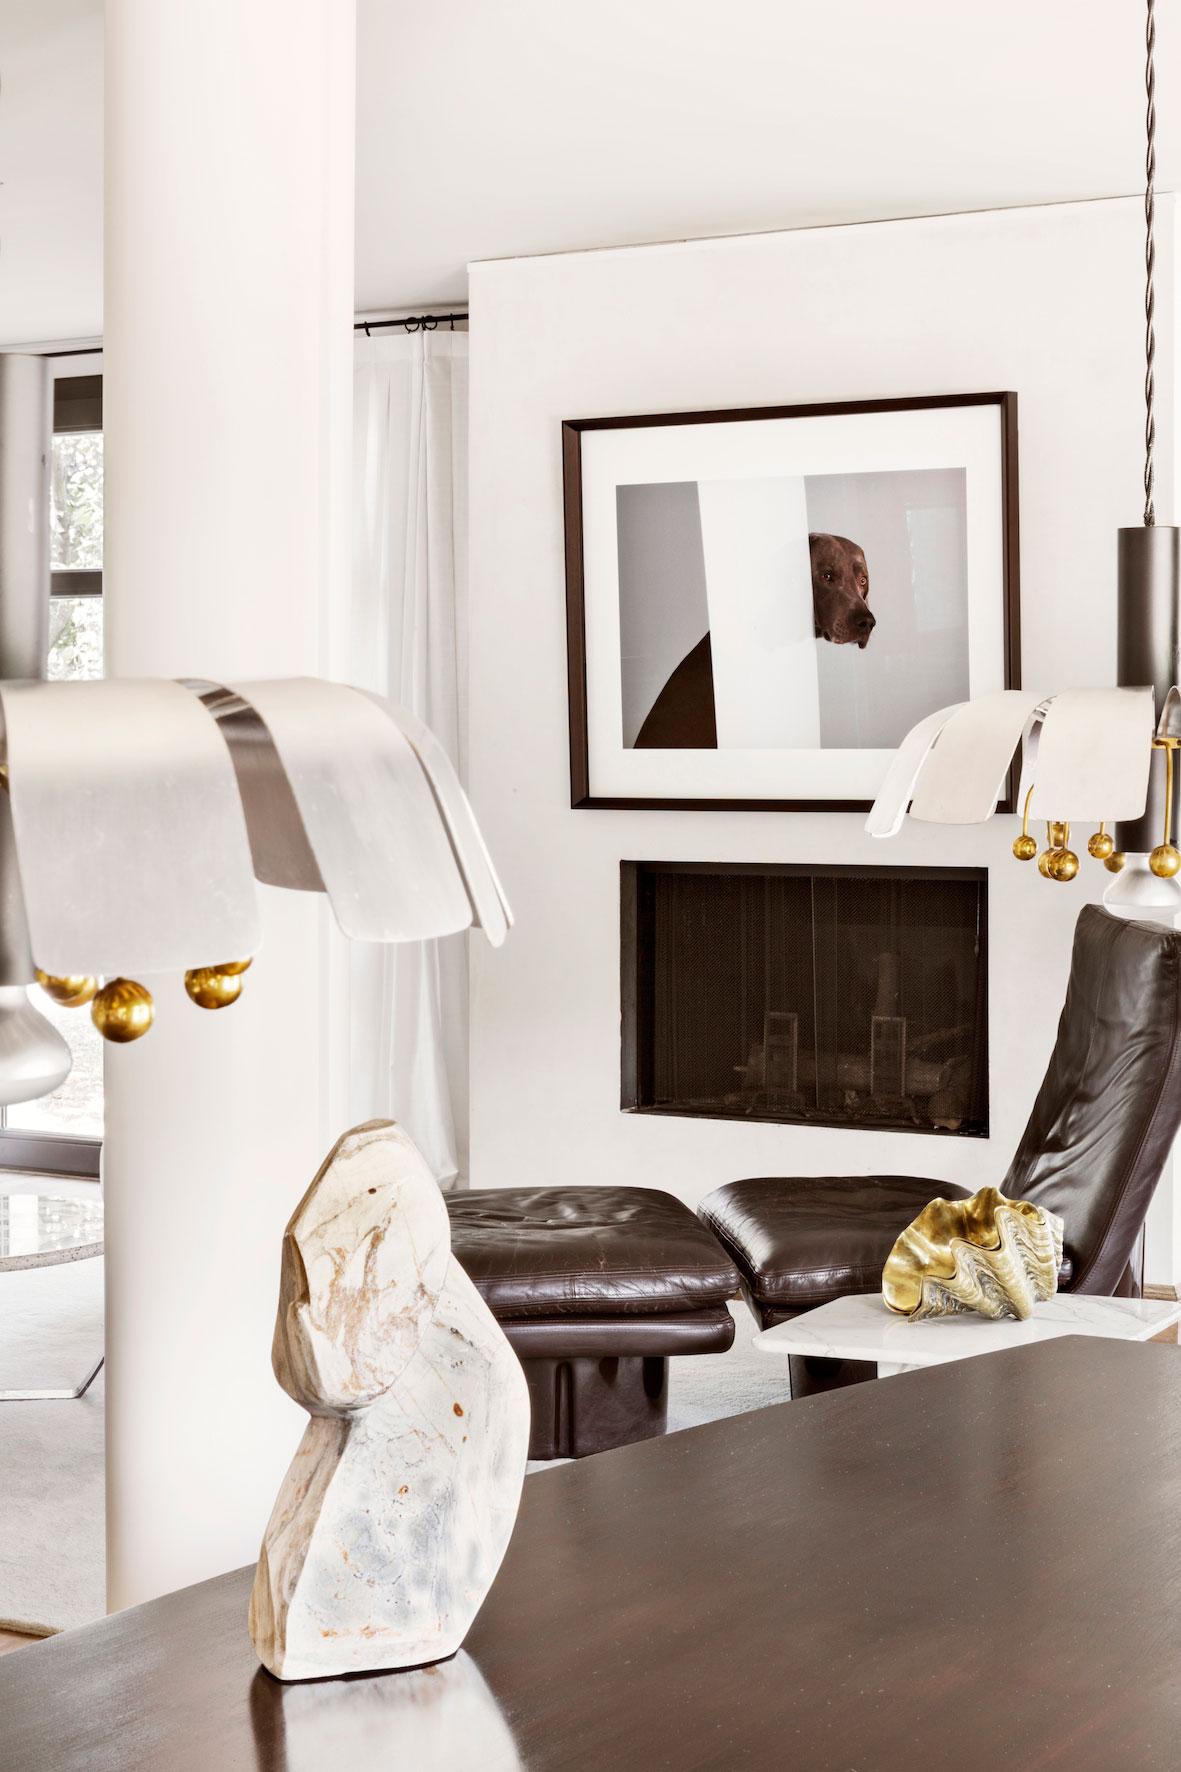 serge-castella-interiors-city-apartment-03